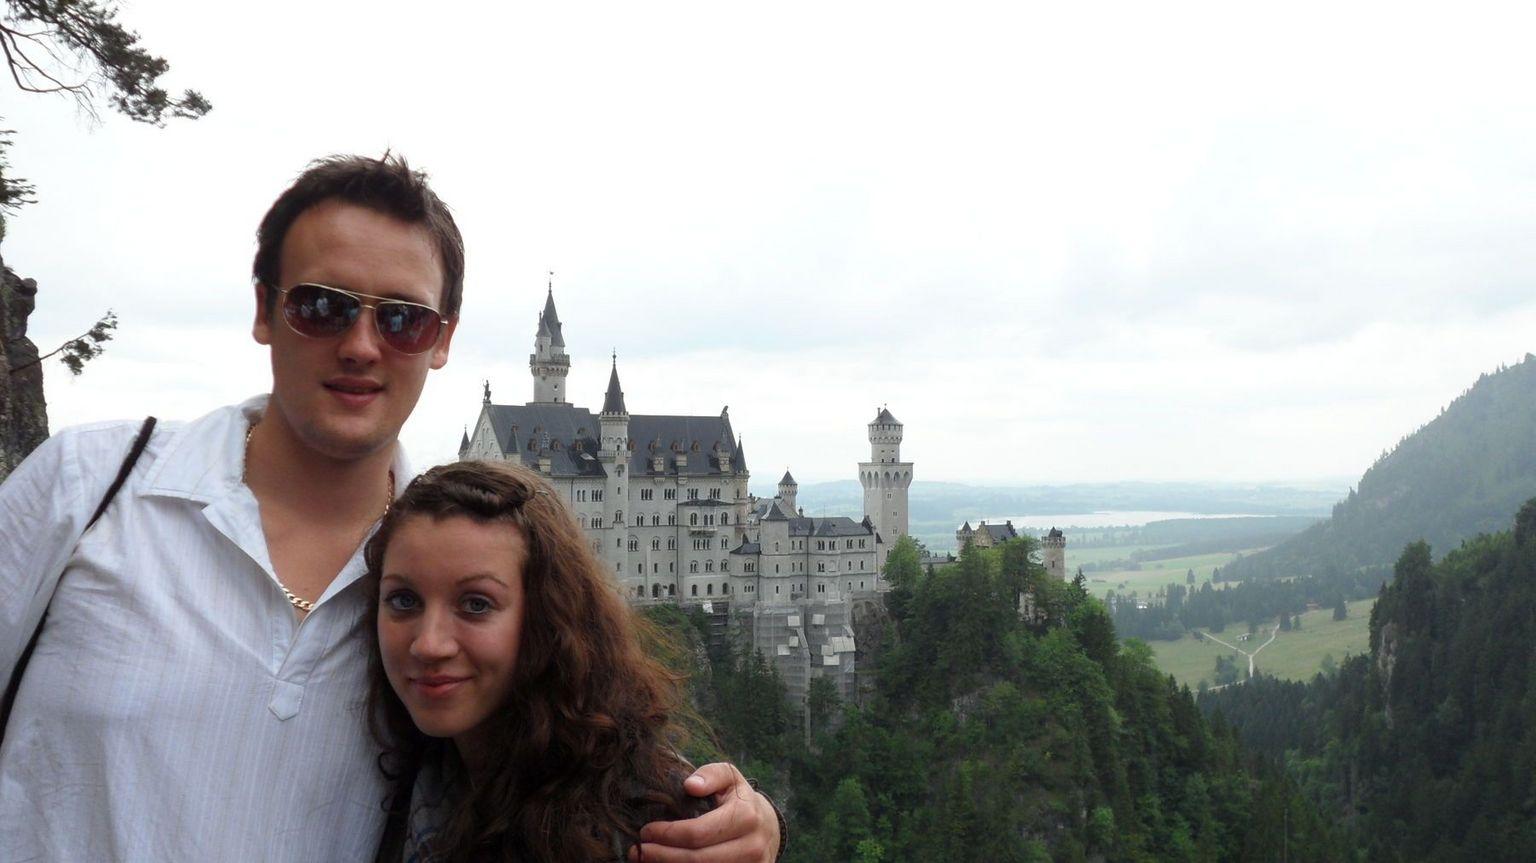 MAIS FOTOS, Neuschwanstein Castle Small-Group Day Tour from Munich